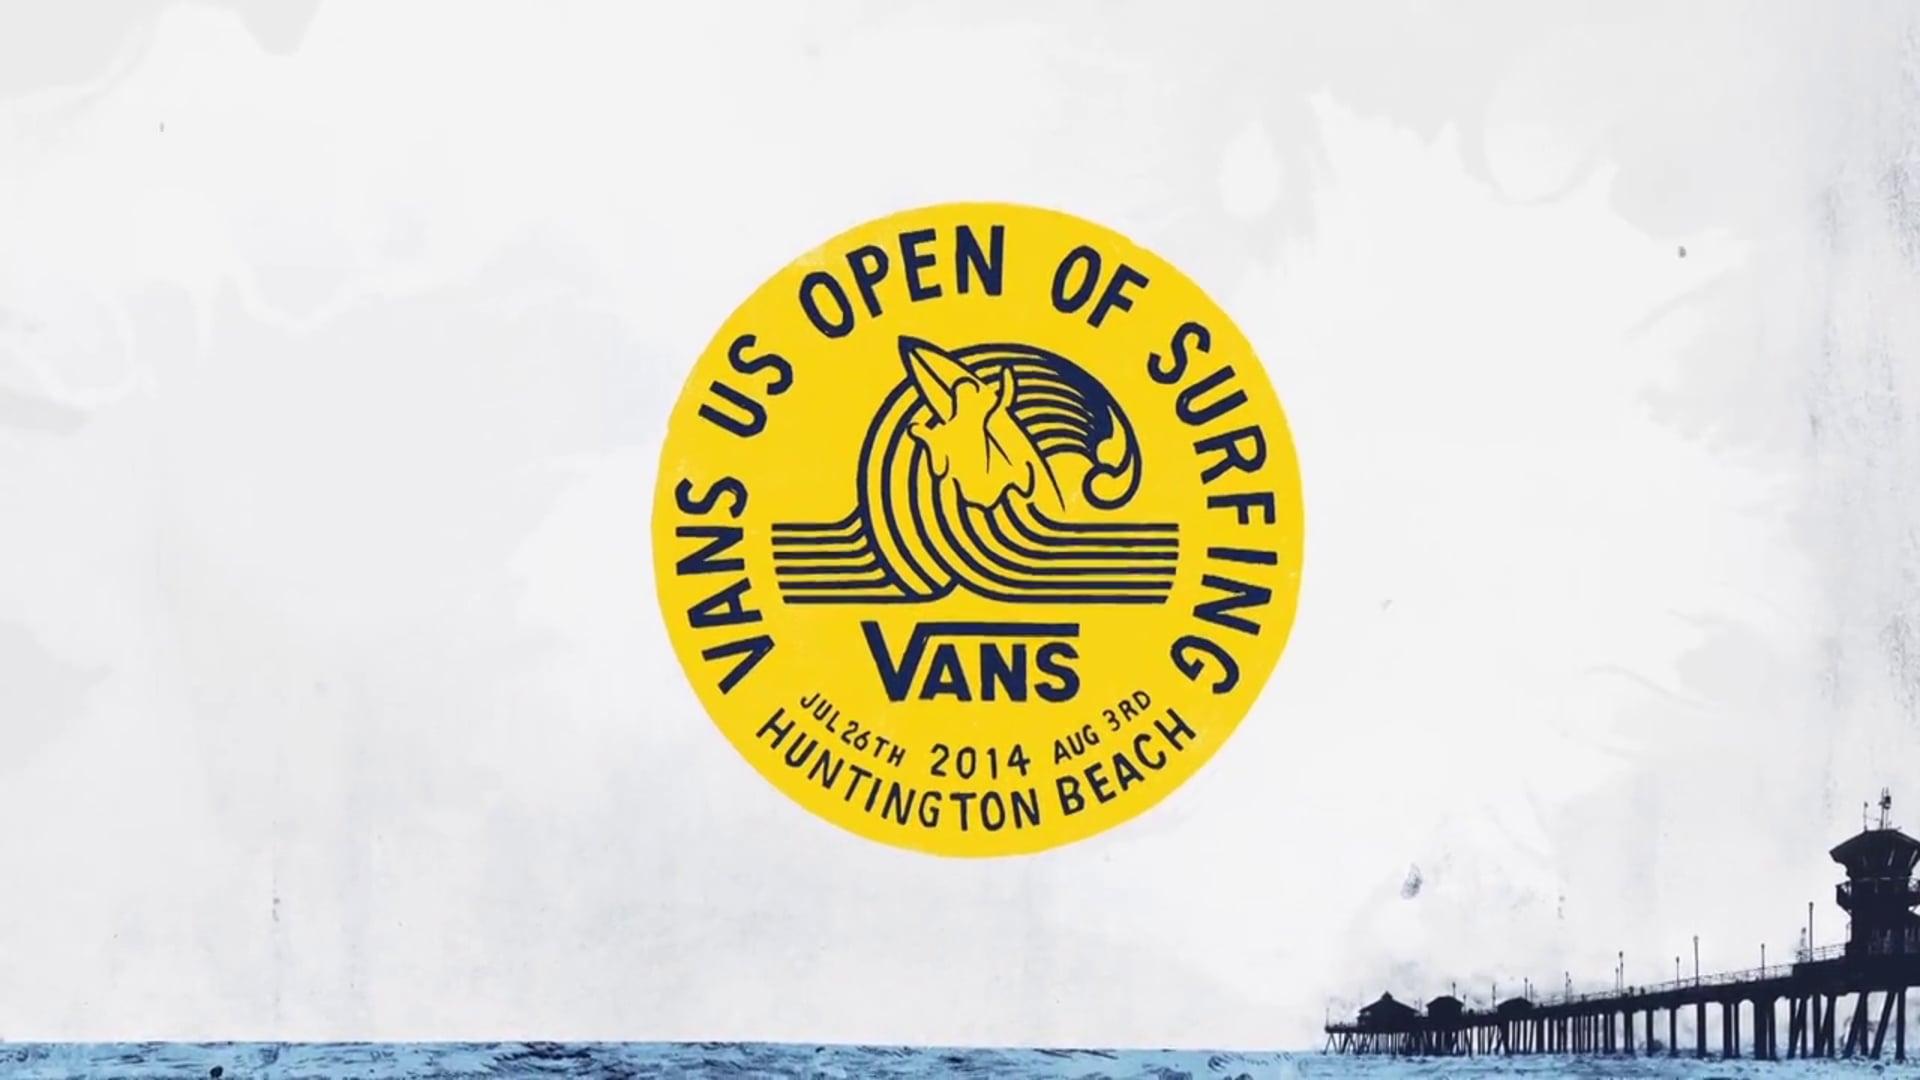 2014 Vans US Open of Surfing TV Show